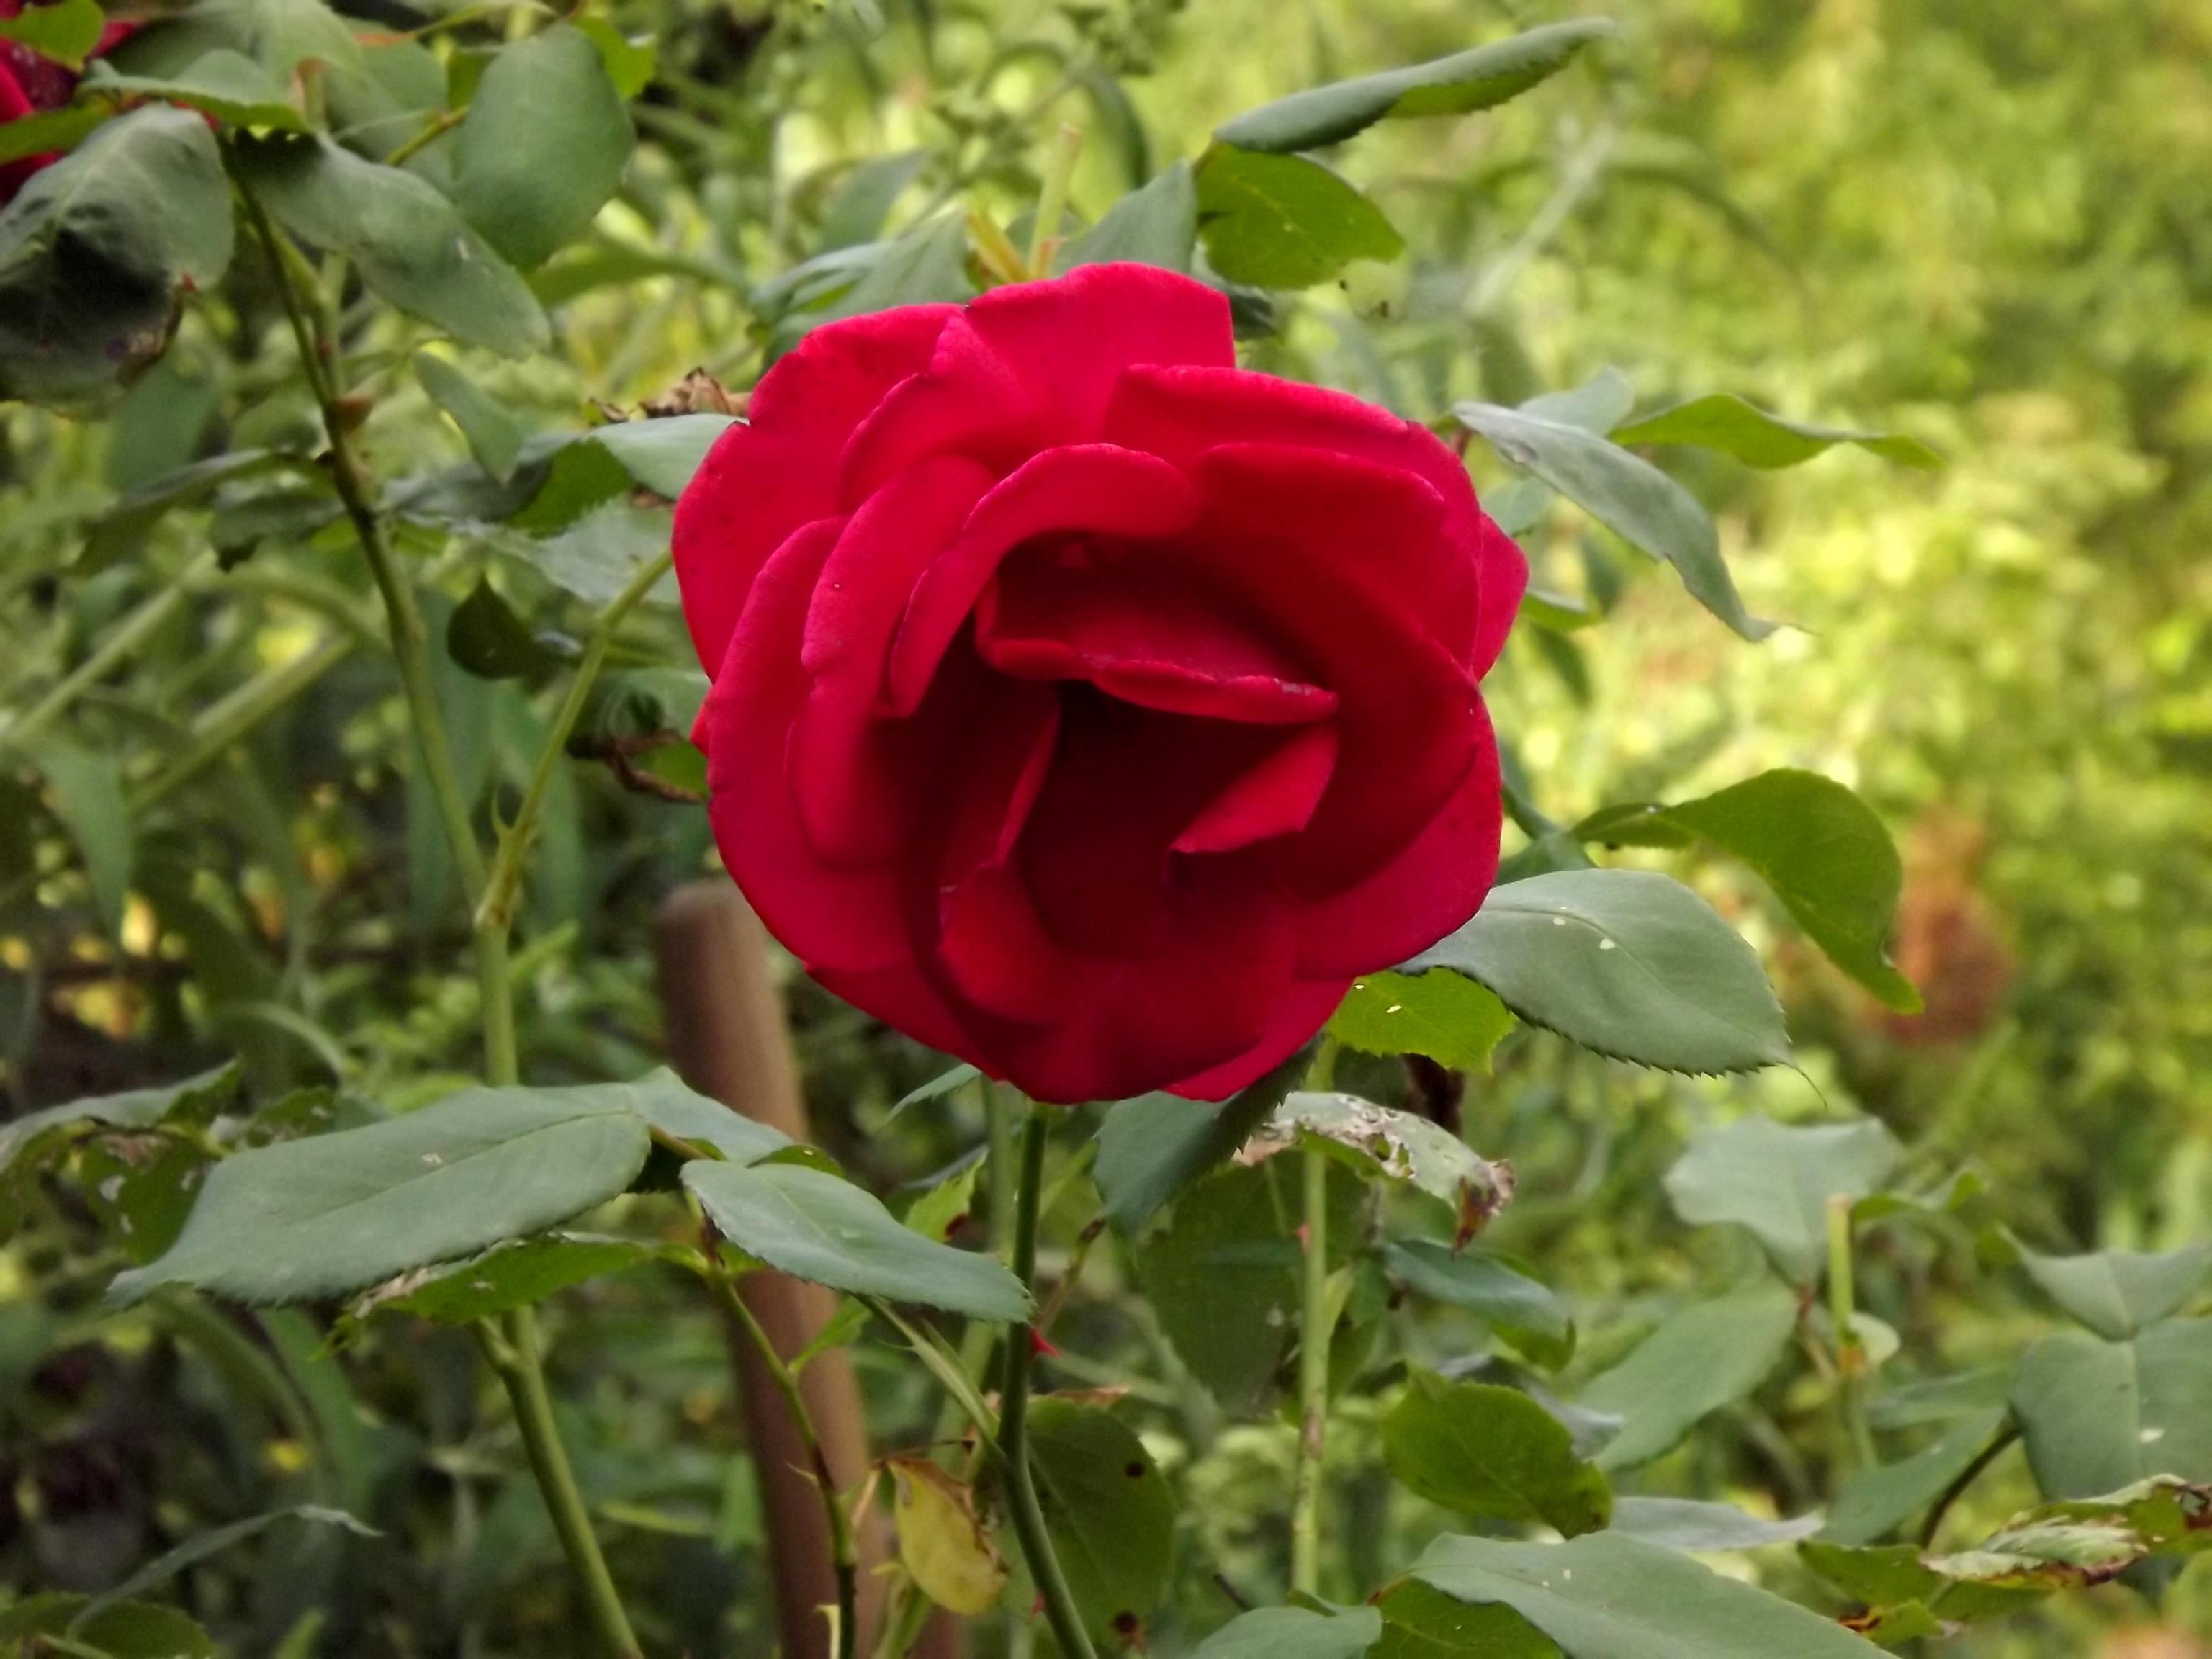 6301-rote-rose-nahaufnahme